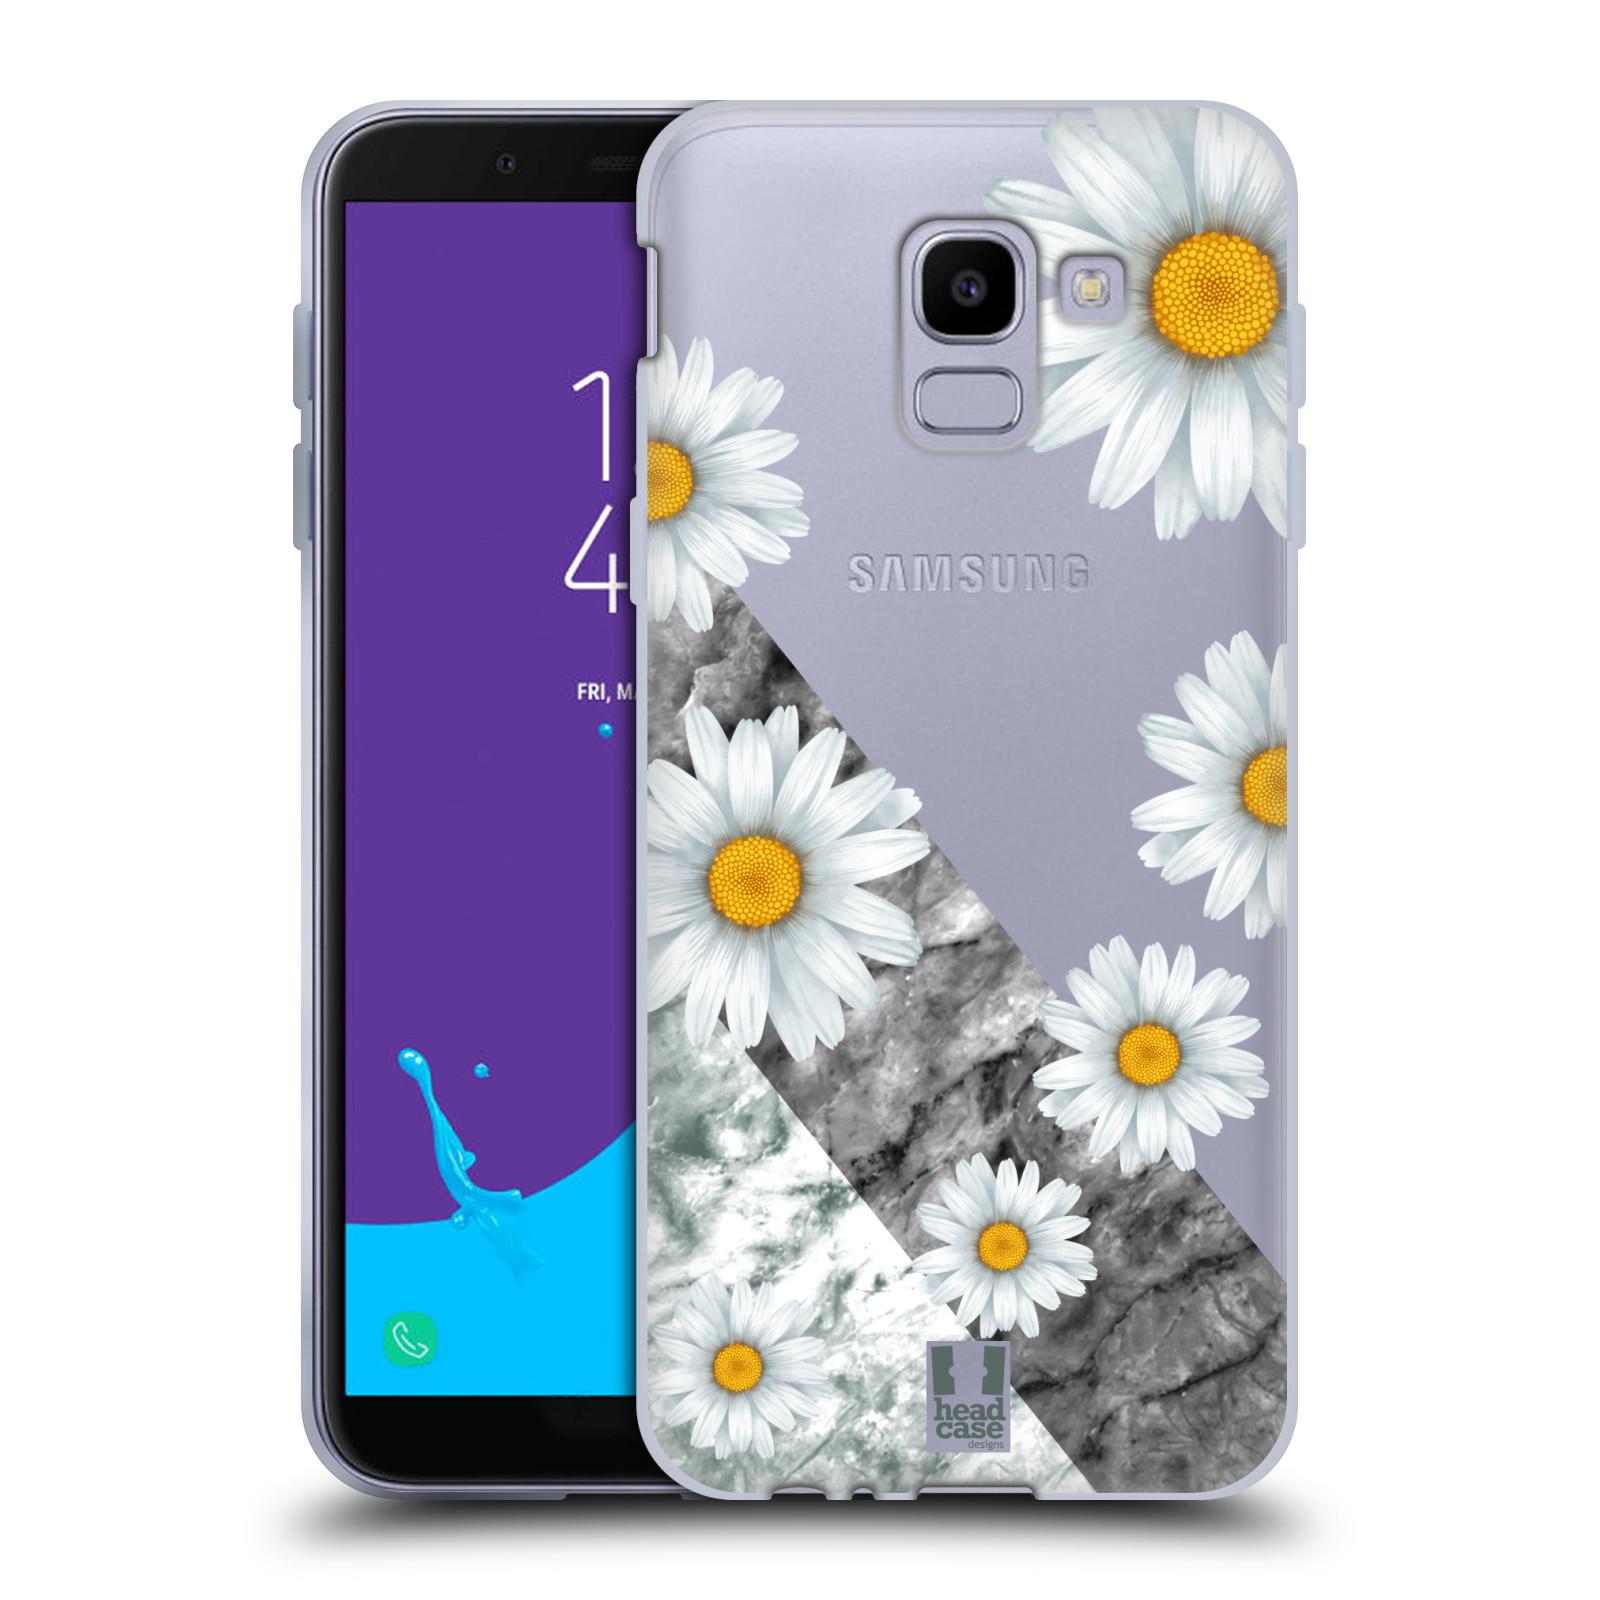 Silikonové pouzdro na mobil Samsung Galaxy J6 (2018) - Head Case - Kopretiny a mramor